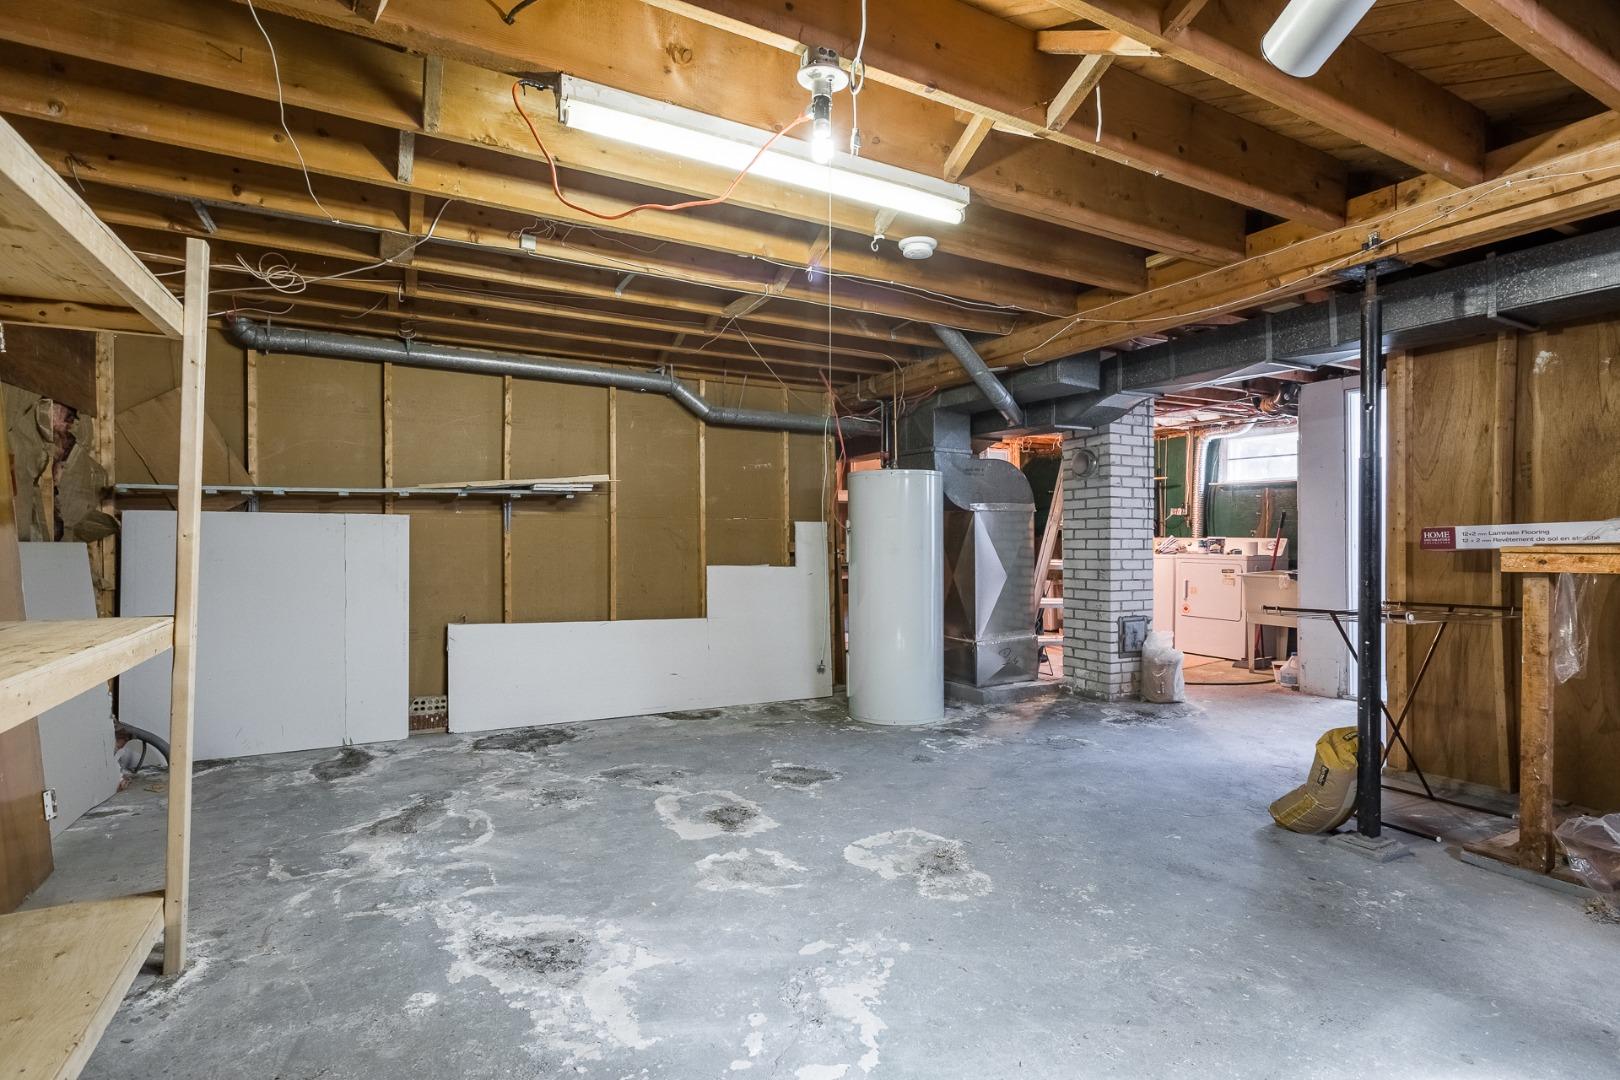 Maison à vendre_-_4351_rue_gilles_-_pierrefonds_-_steve_rouleau_-_al24.jpg